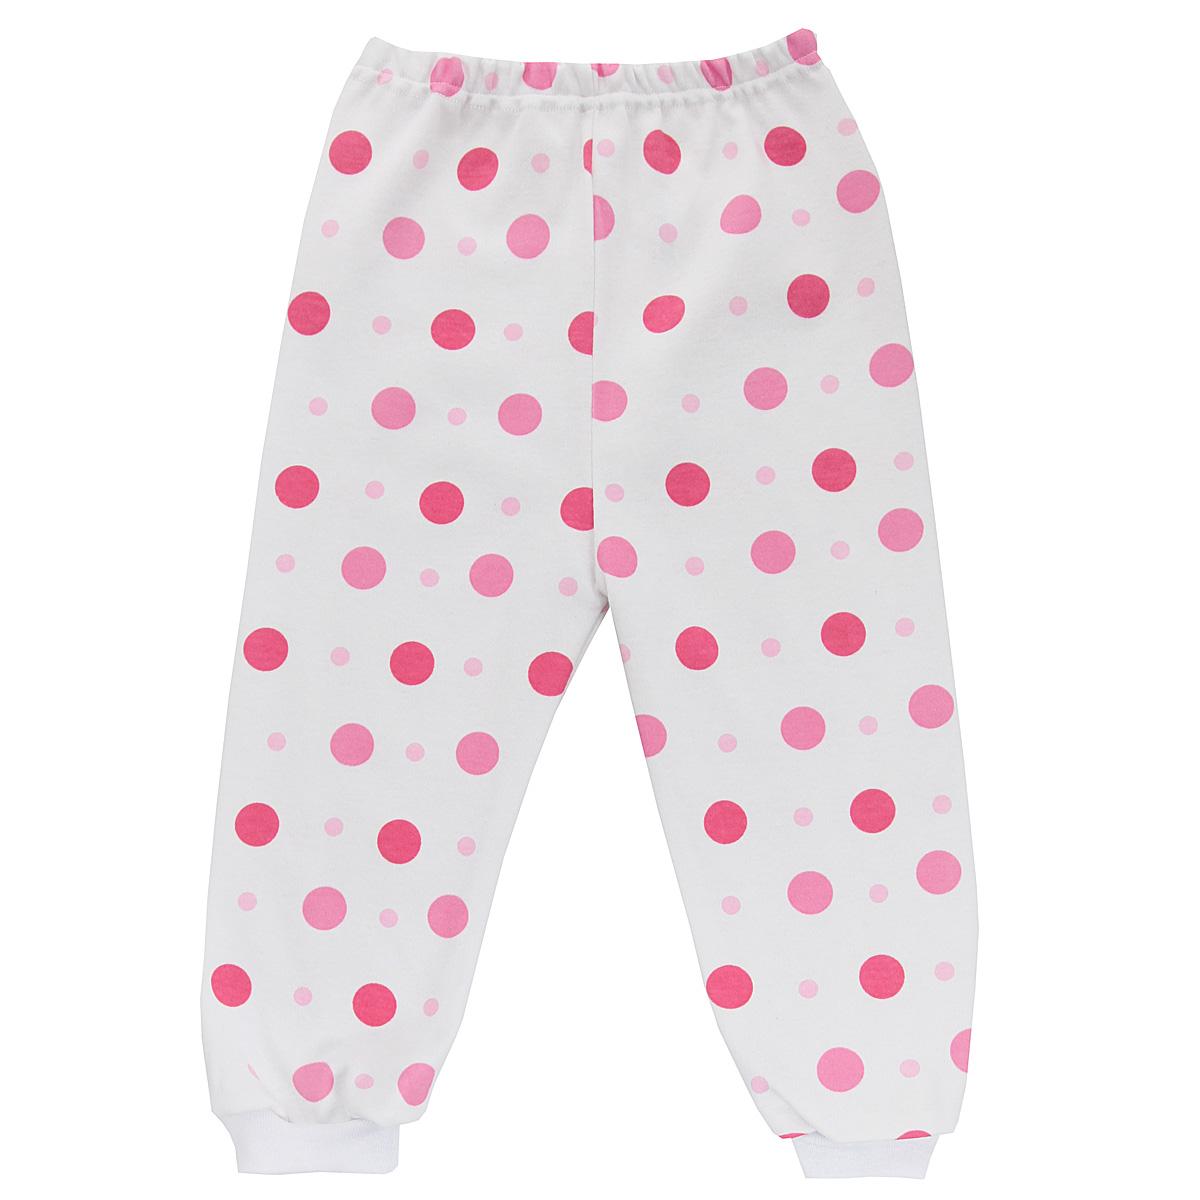 5315_горохУдобные штанишки Трон-плюс идеально подойдут вашему ребенку и станут отличным дополнением к детскому гардеробу. Изготовленные из натурального хлопка, они необычайно мягкие и легкие, не сковывают движения, позволяют коже дышать и не раздражают даже самую нежную и чувствительную кожу ребенка. Штанишки на талии имеют эластичную резинку, благодаря чему они не сдавливают животик ребенка и не сползают. Низ штанишек дополнен широкими эластичными манжетами. Оформлена модель гороховым принтом. В таких штанишках ваш ребенок будет чувствовать себя комфортно и уютно.